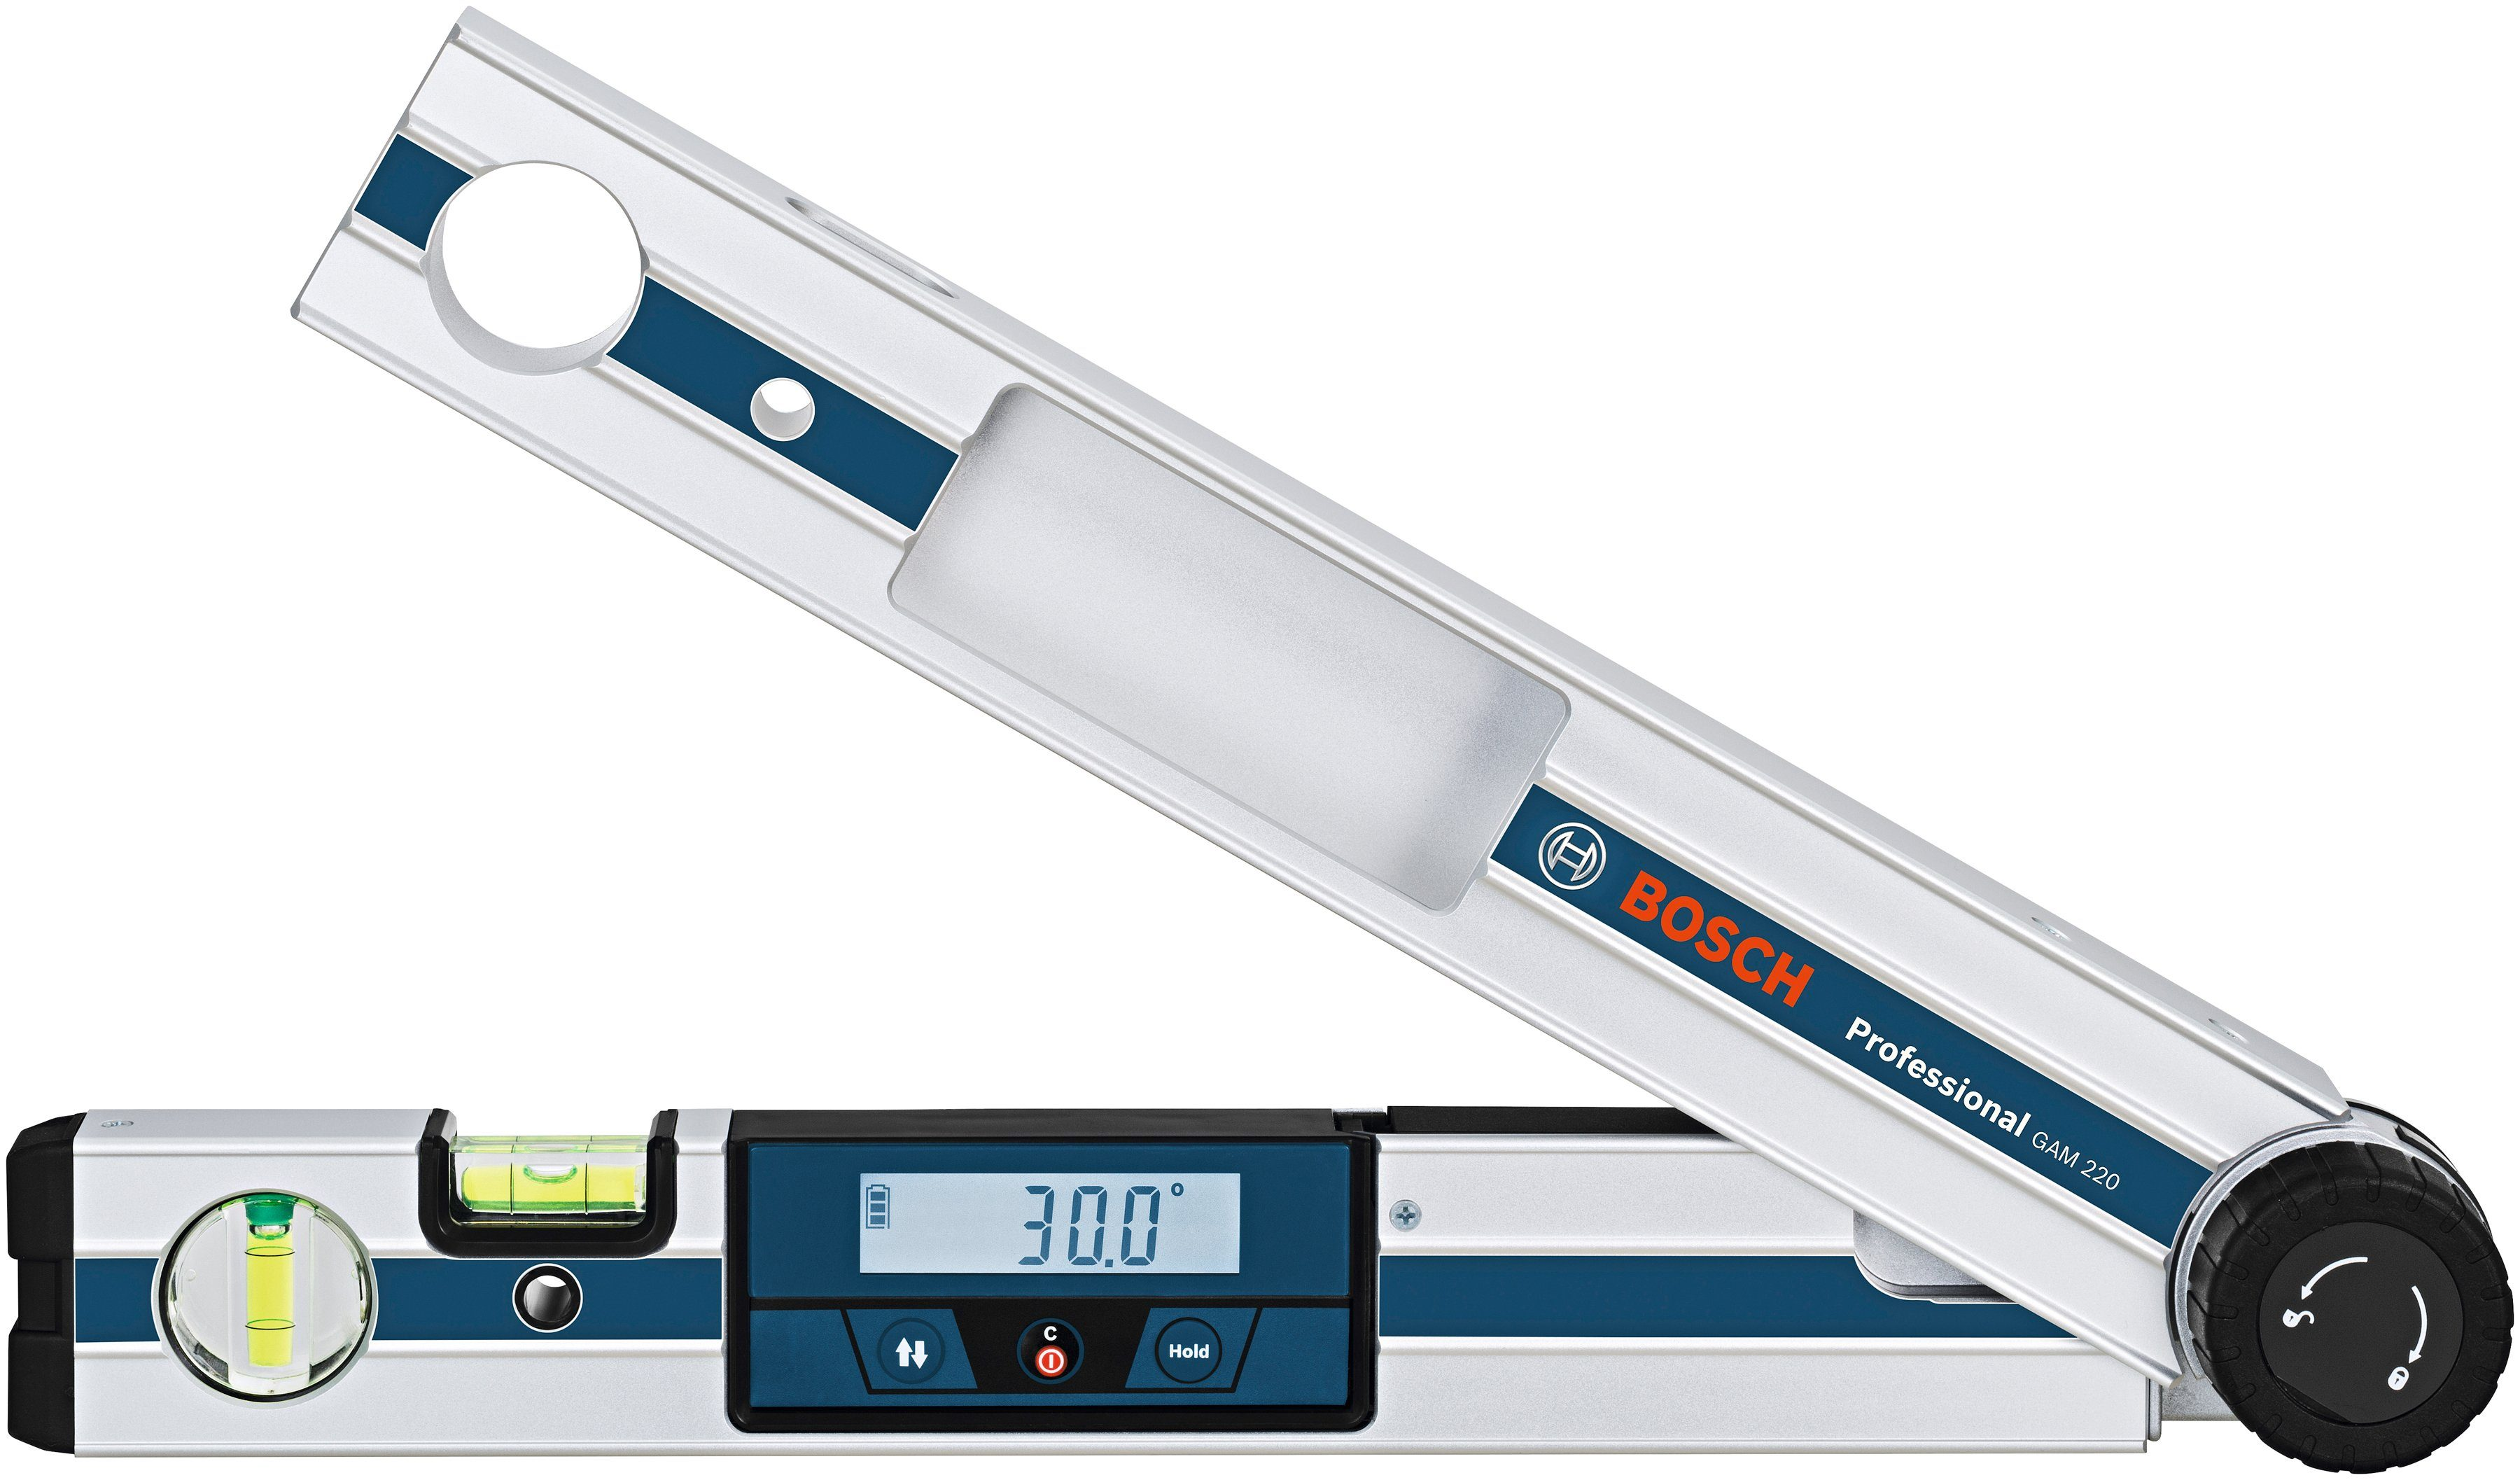 BOSCH PROFESSIONAL Winkelmesser »GAM 220«, Messbereich: 0 - 220°